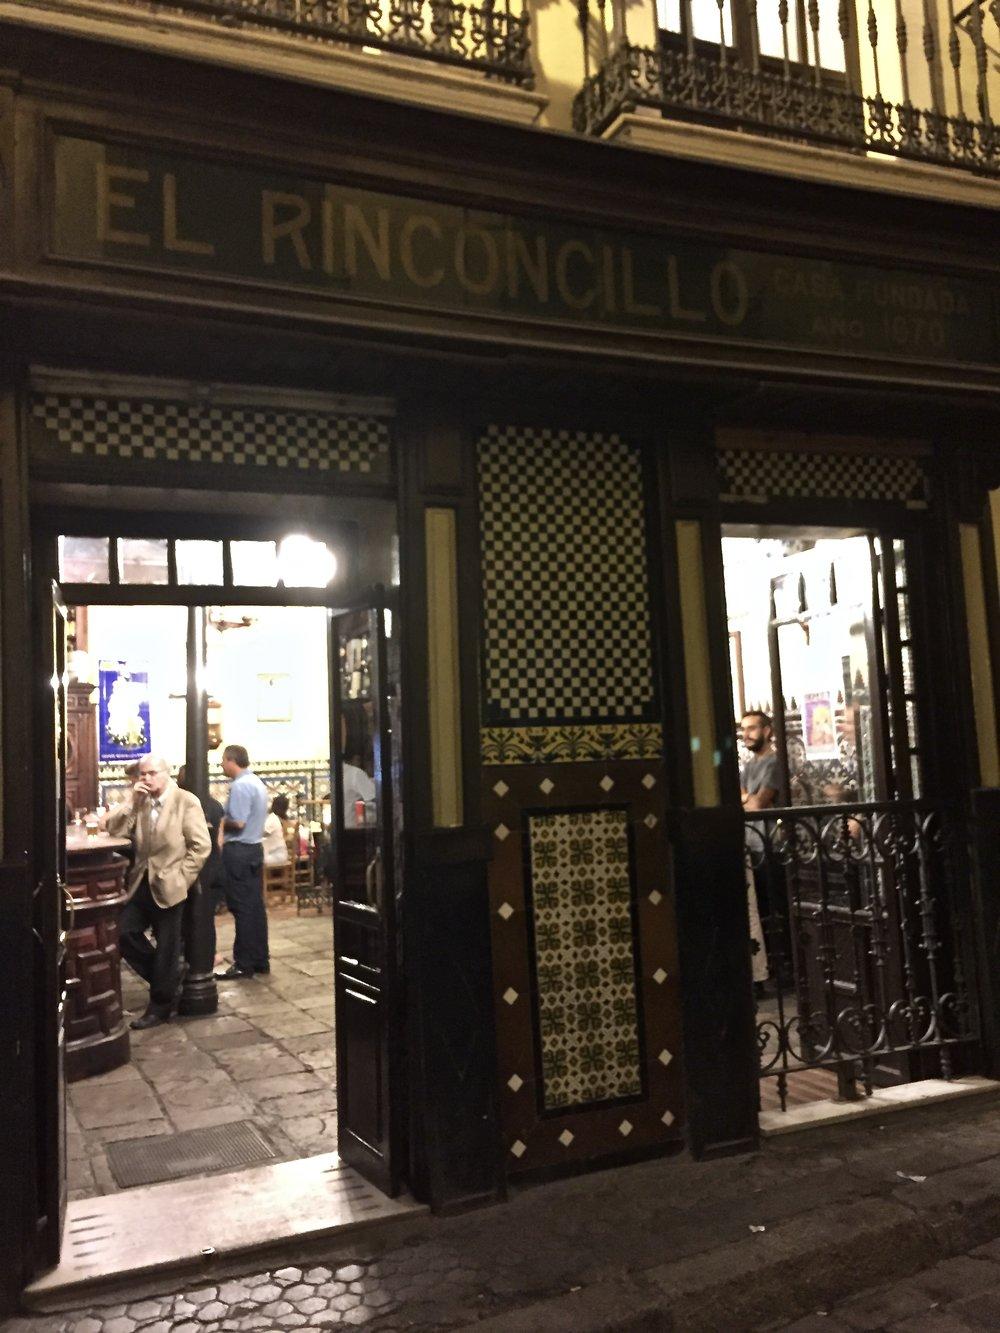 oldest bar in spain |El Rinconcillo